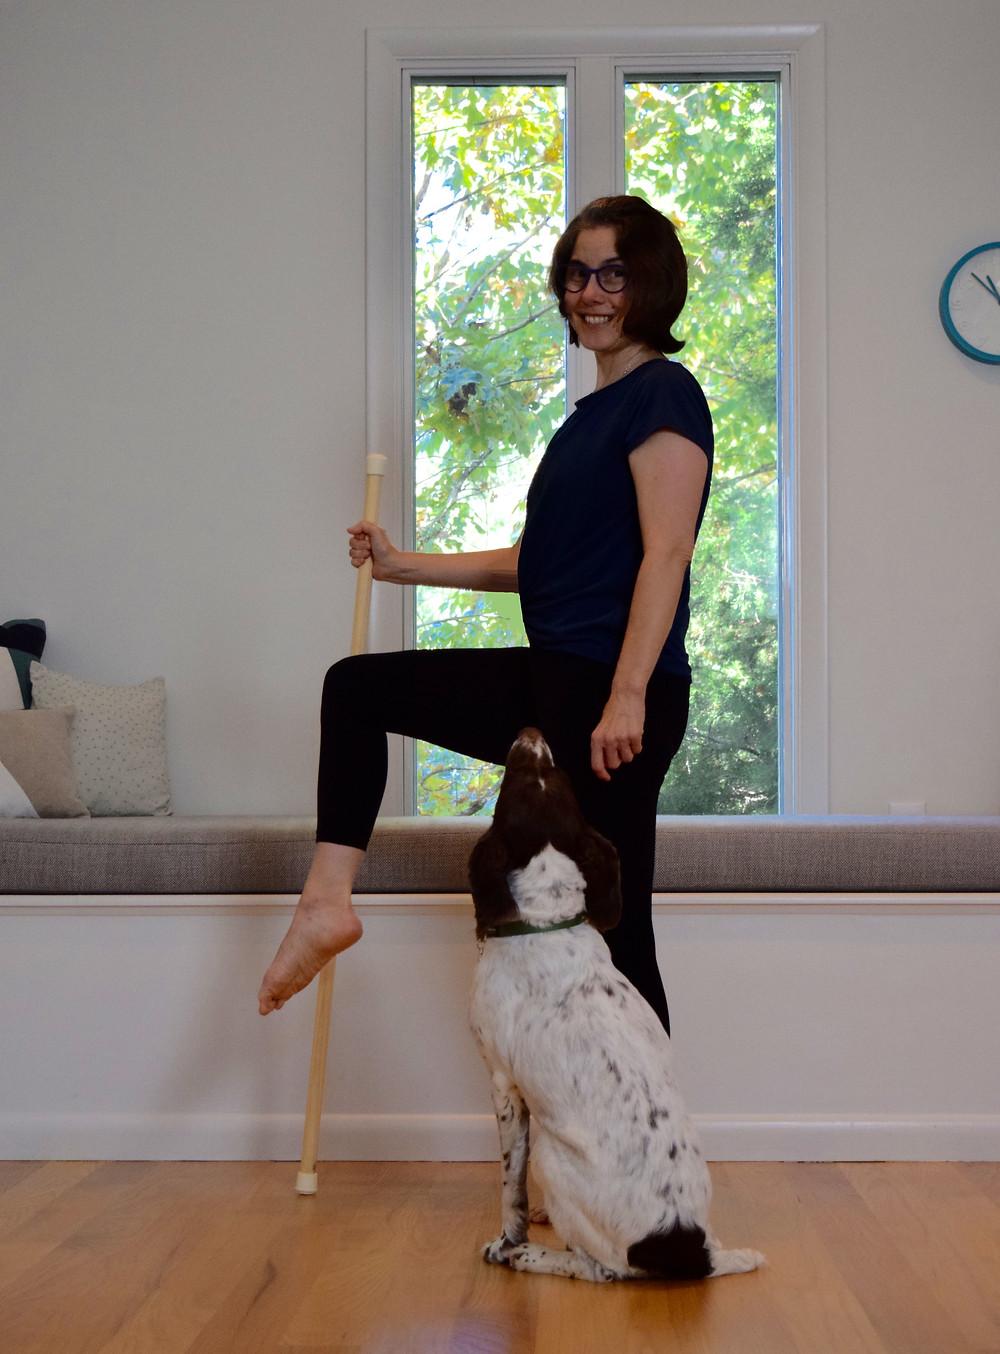 Balance like a Pro - Single Knee Raise